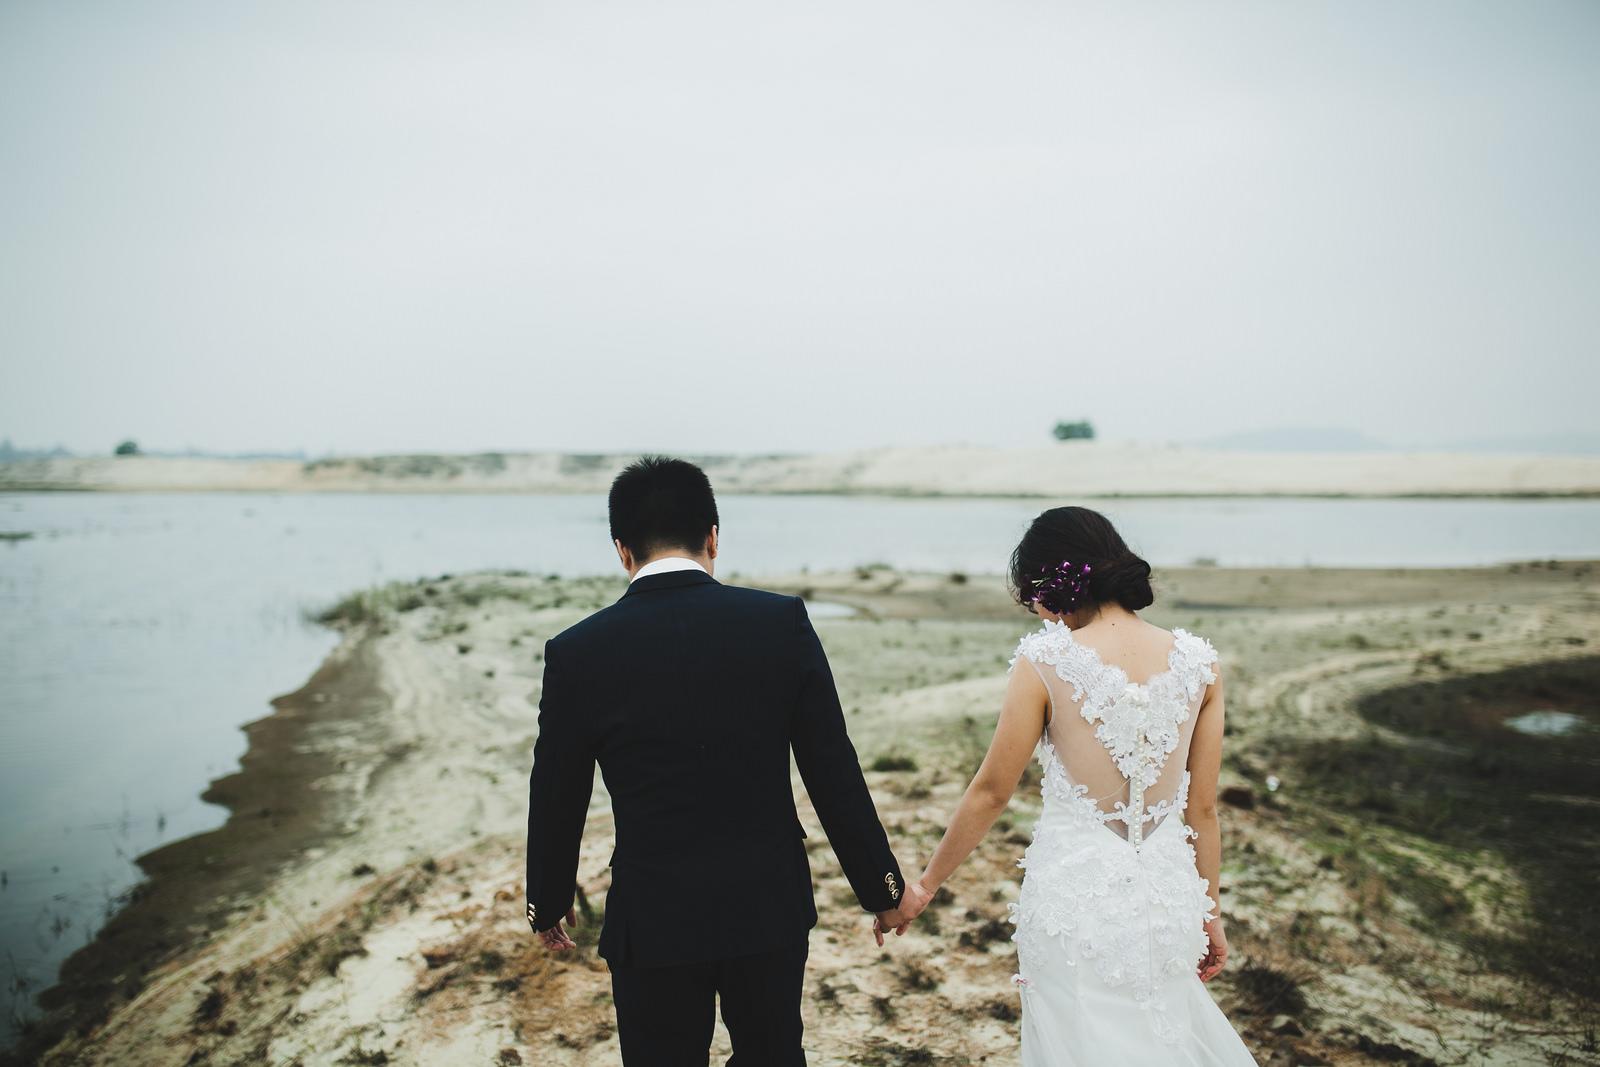 Phụ nữ ơi, đến khi nào tìm được người xứng đáng rồi hãy lấy chồng, còn không cứ ở vậy cho nhẹ thân! - Ảnh 3